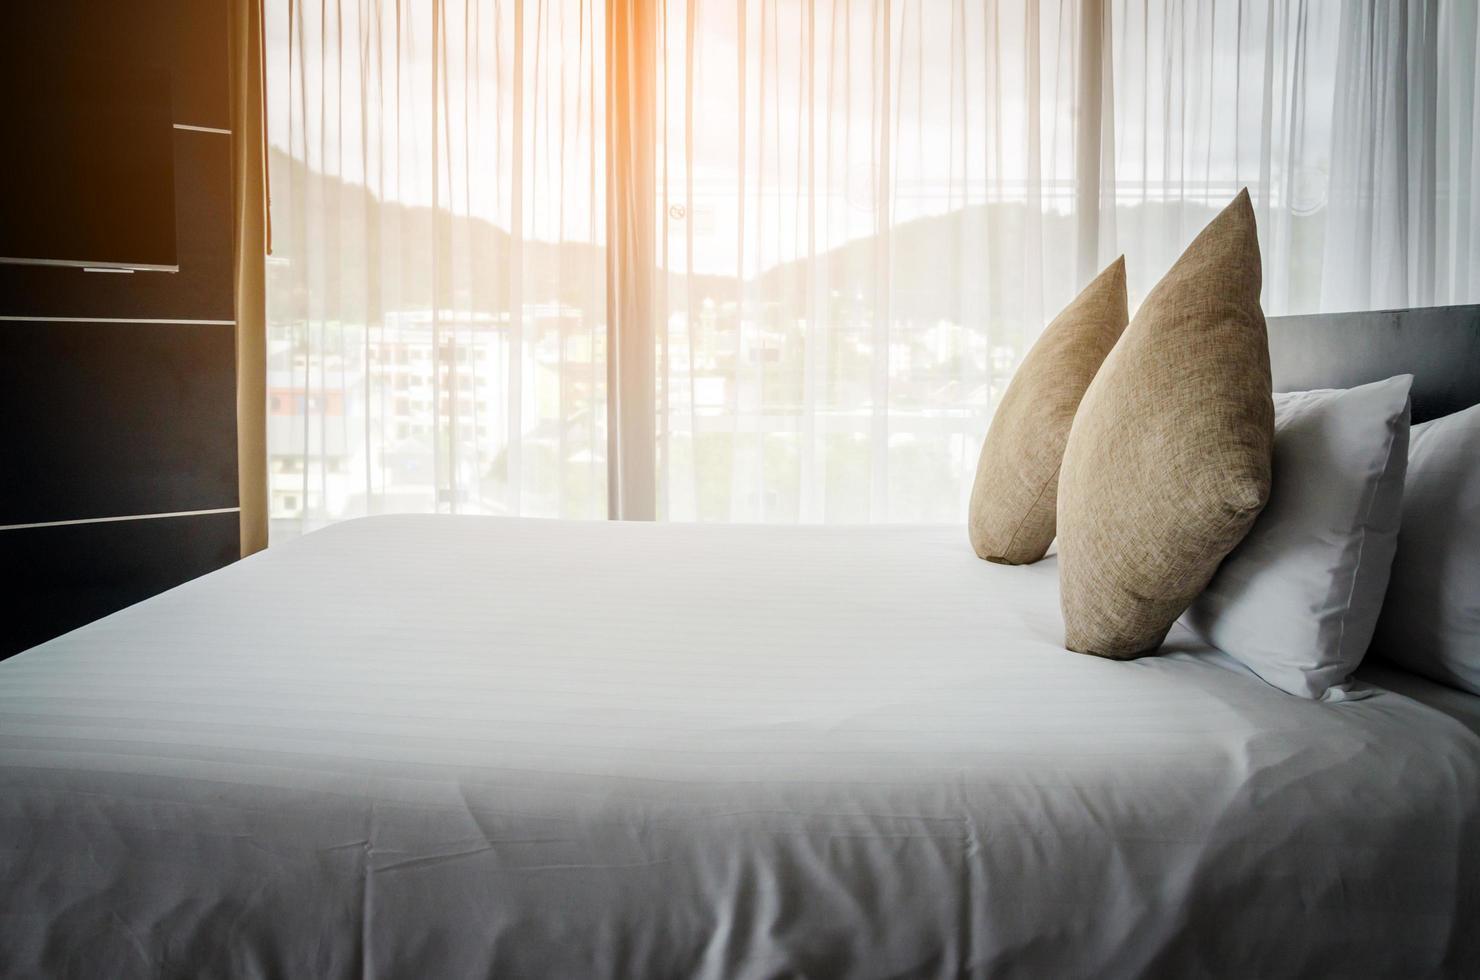 cuscini su un letto d'albergo foto